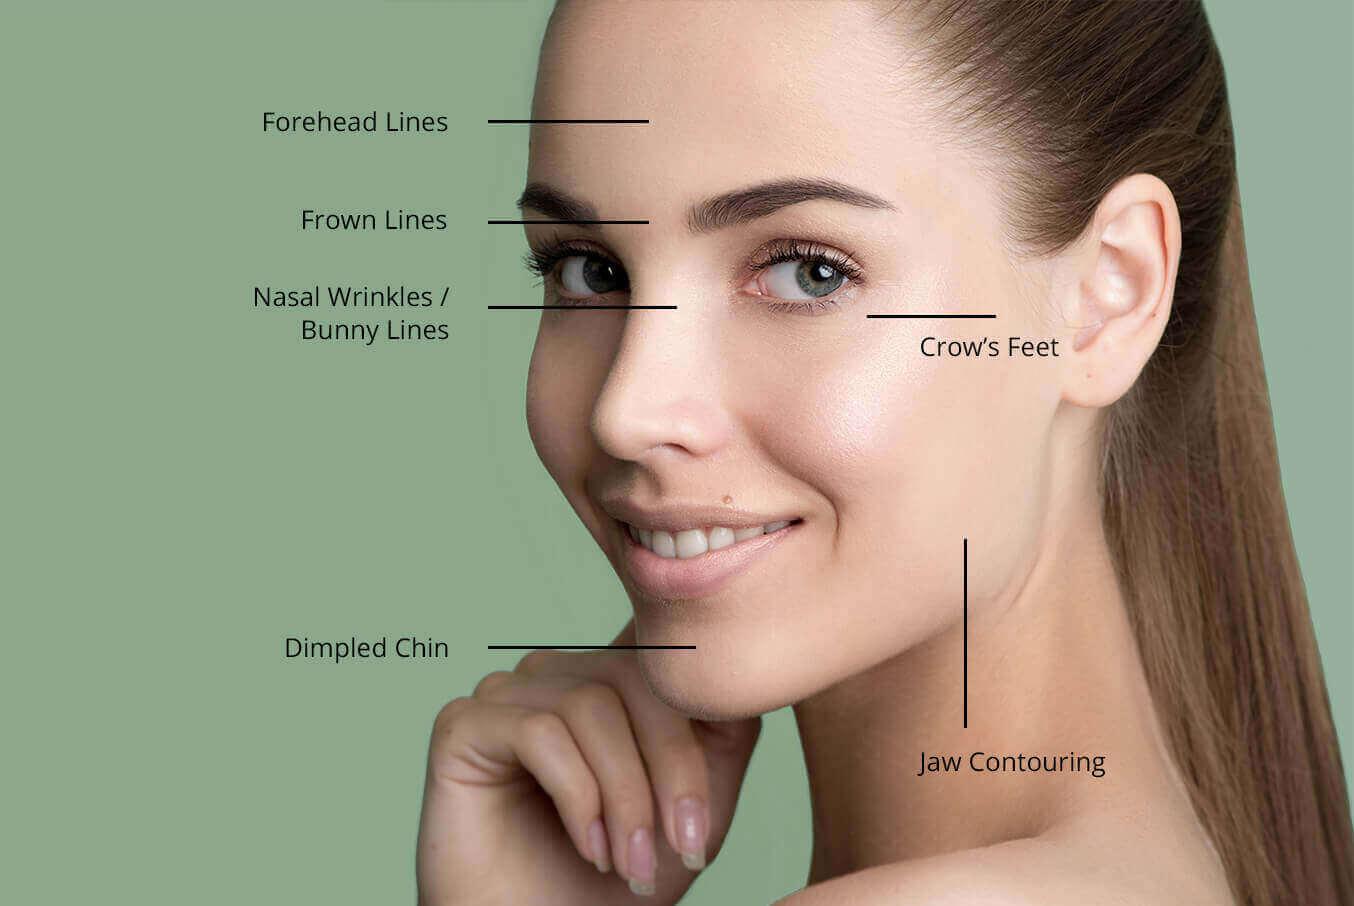 Wrinkles & Lines